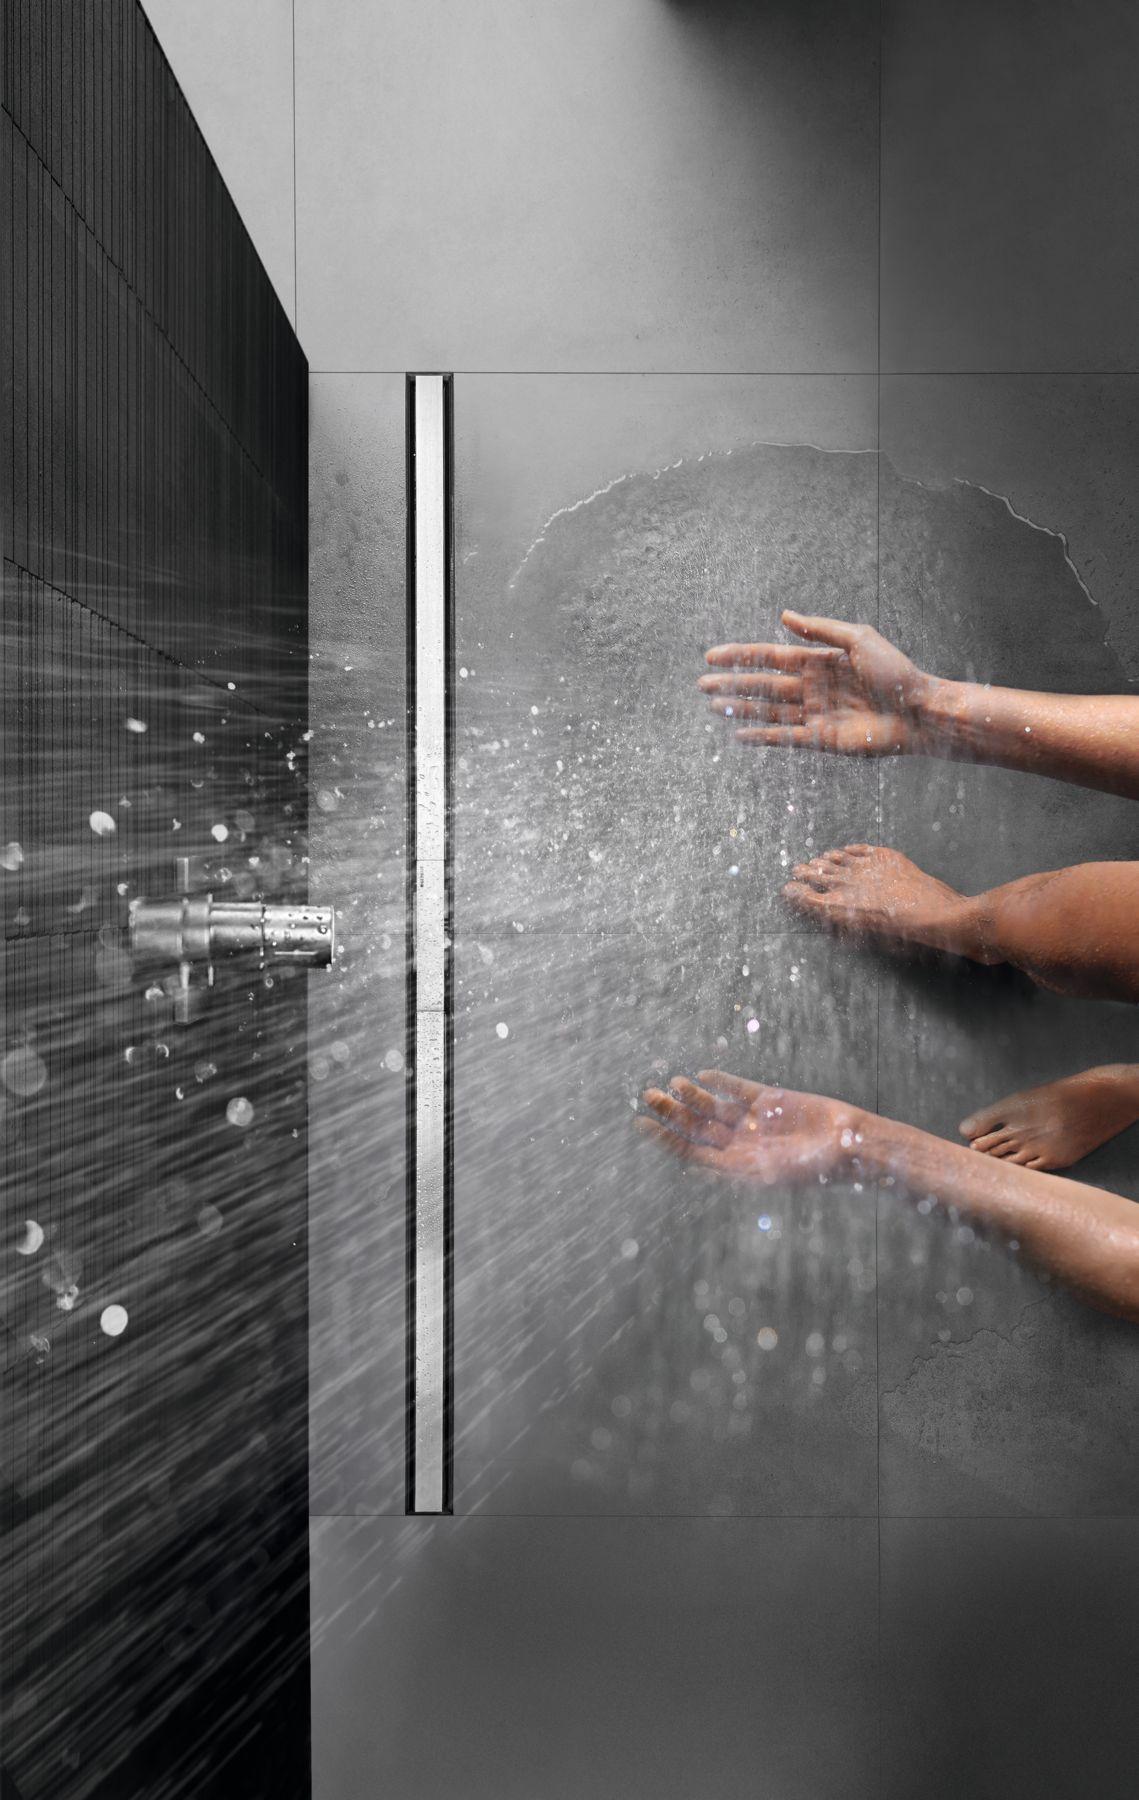 człowiek korzystający z prysznica bezbrodzikowego. Zdjecie zrobione z góry, które uchwytuje tylko wystające stopy oraz dłonie sięgające do lejącej się wody.